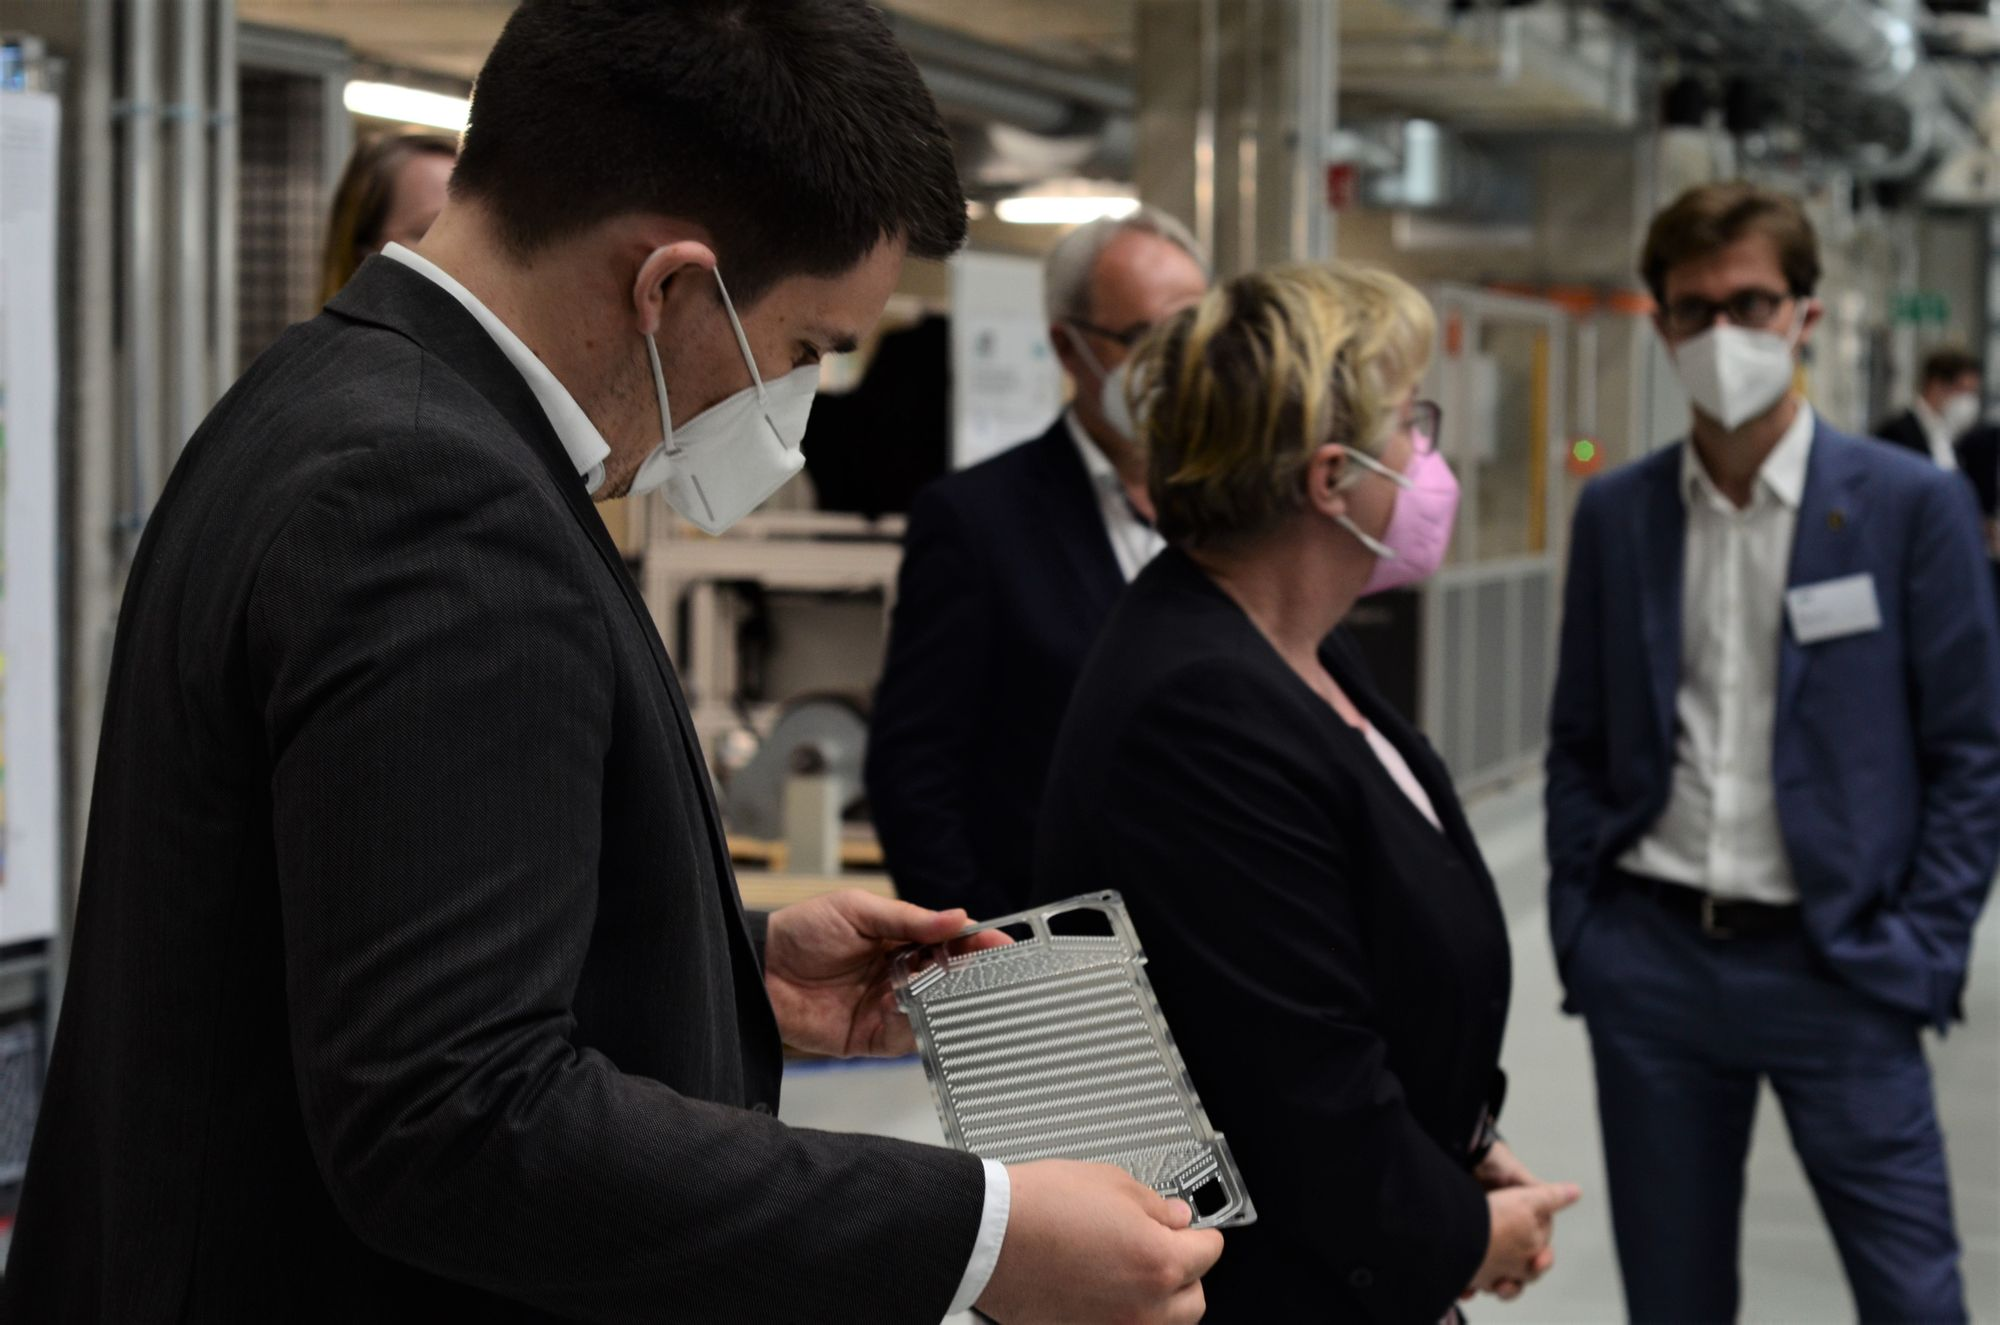 MdL Alexander Salomon hält ein Anschauungsobjekt in der Hand. Im Hintergrund ist Ministerin Bauer zu sehen, die sich mit weiteren Besucher:innen unterhölt.